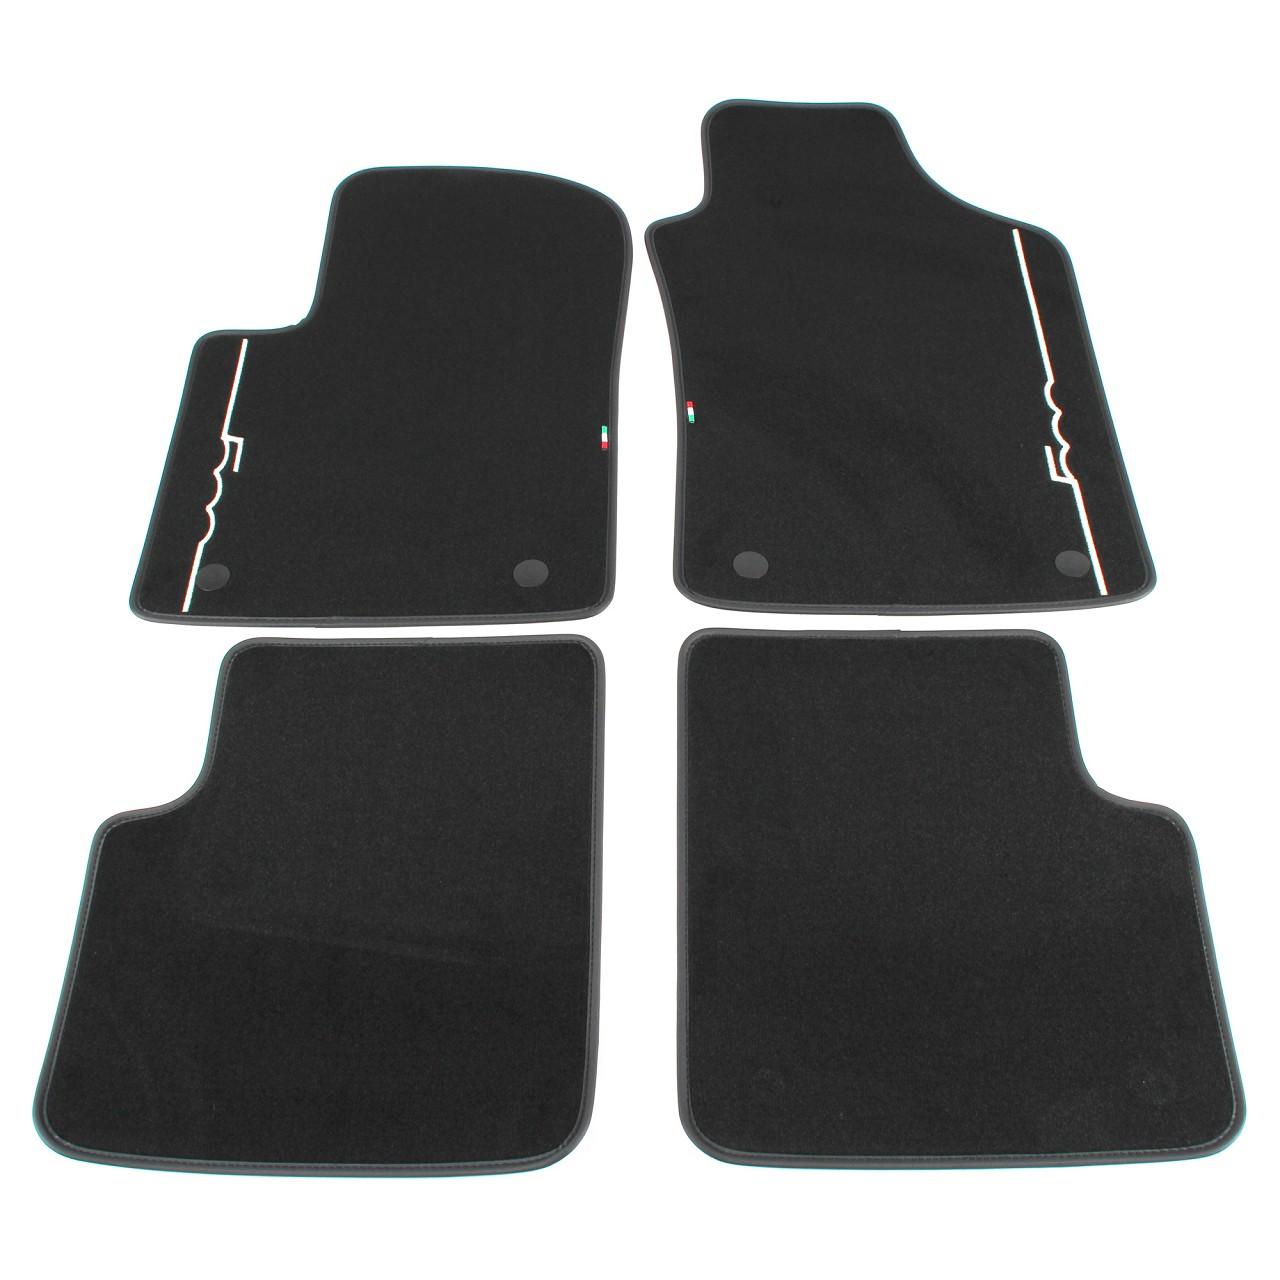 ORIGINAL Fiat Textilmatten Fußmatten Automatten Satz 500 / C 312 4-TLG 71807945